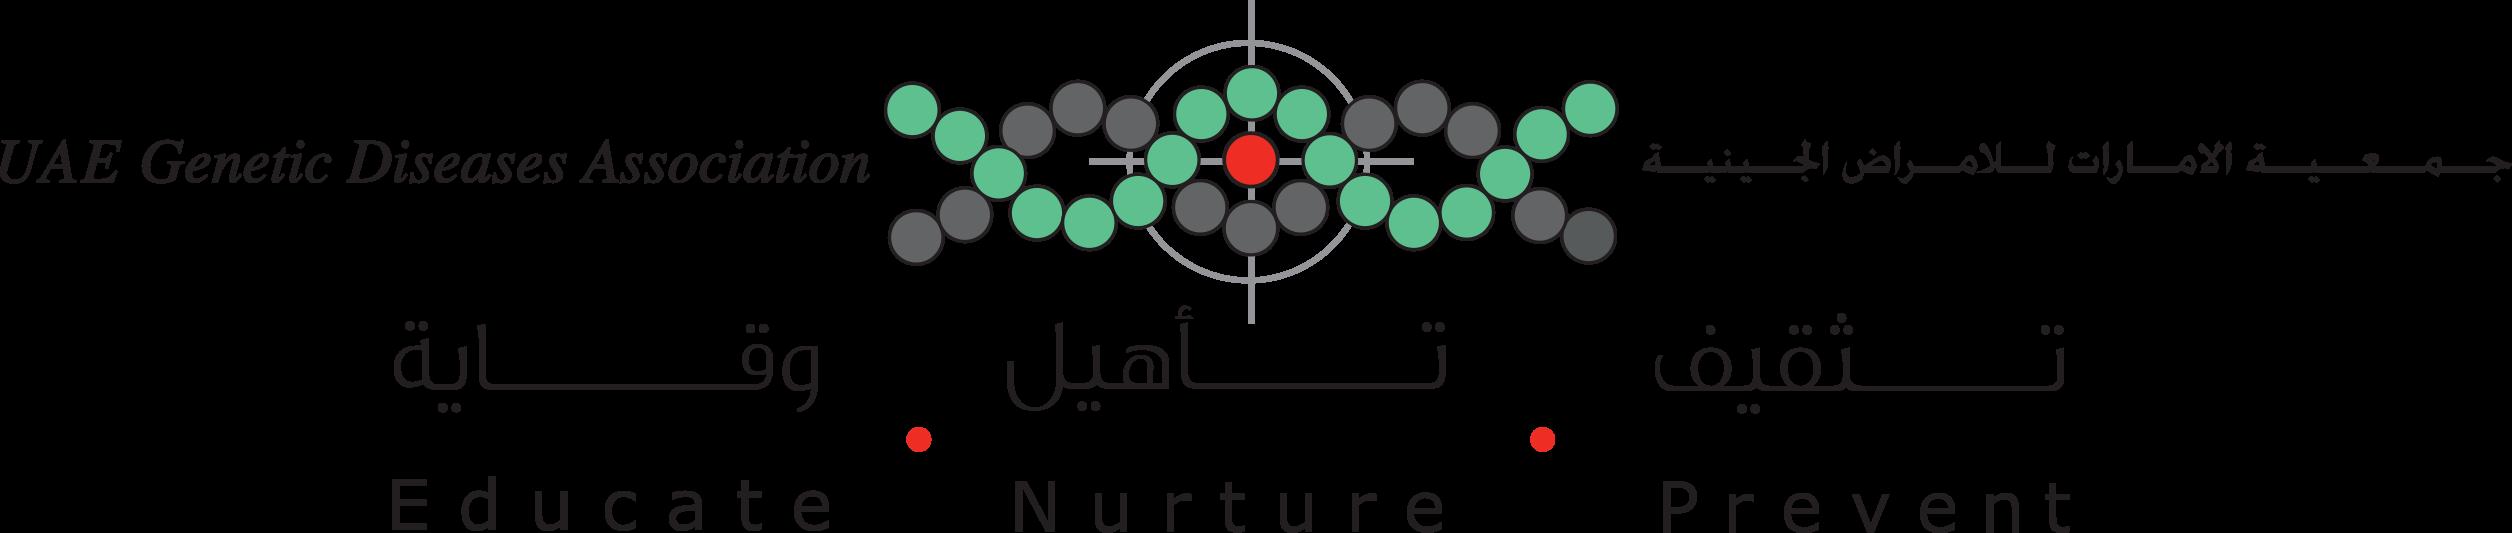 UAE Genetic Diseases Association (UAEGDA)